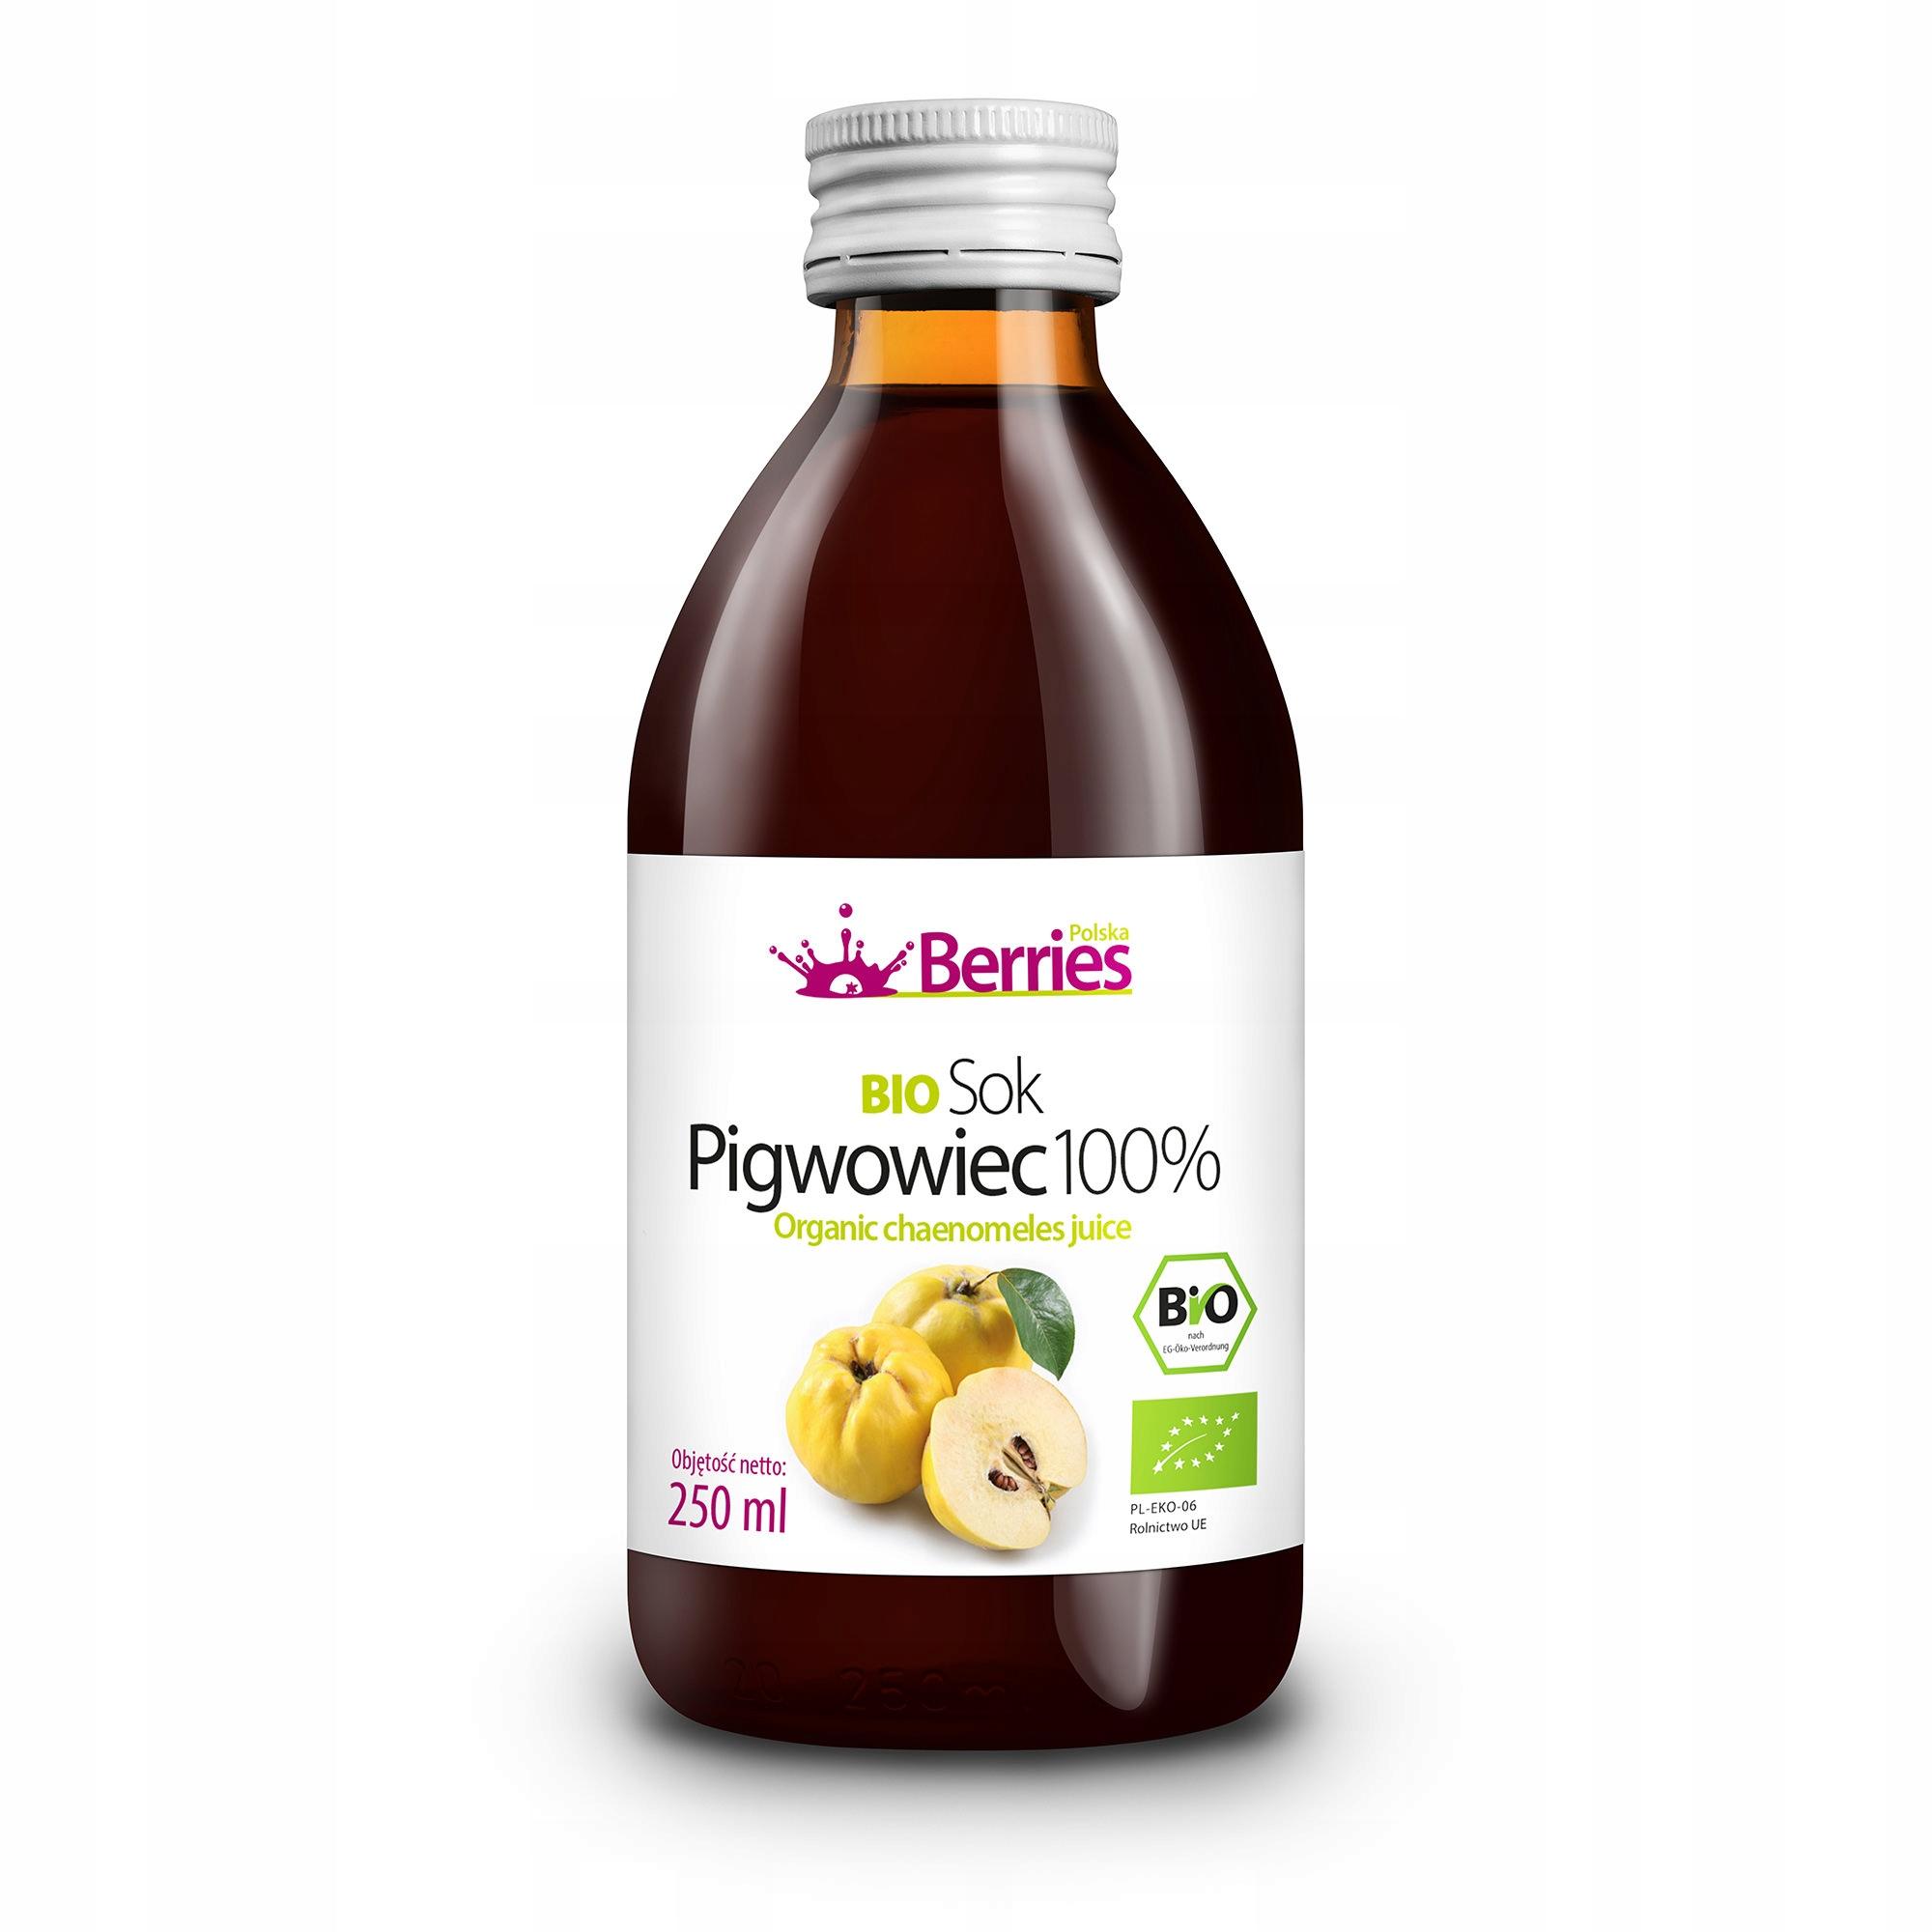 Sok BIO Pigwowiec 100% sok z pigwowca pigwa 250ml